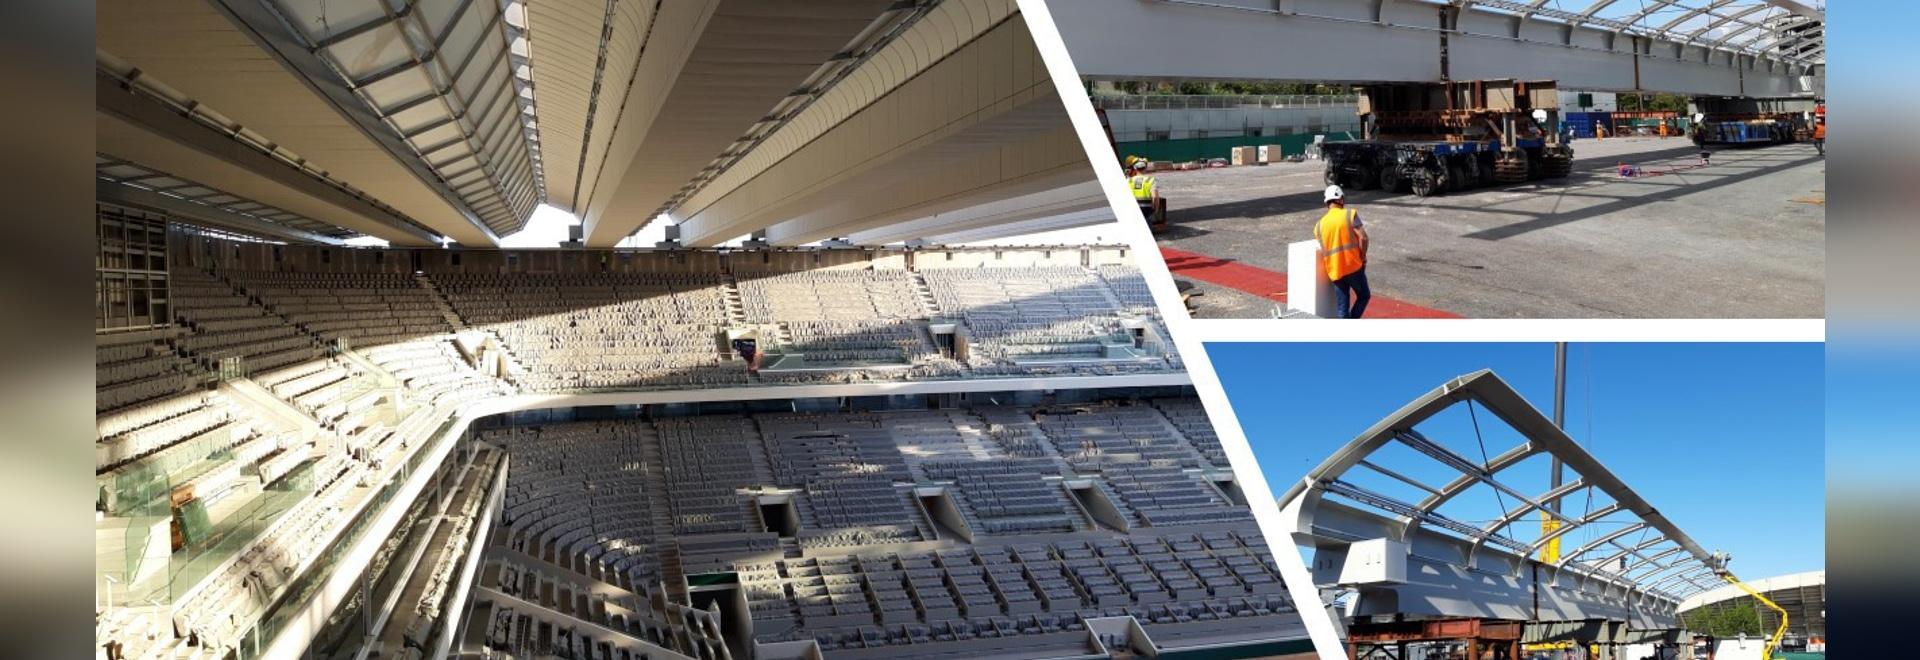 Stade de Roland Garros, Paris, France